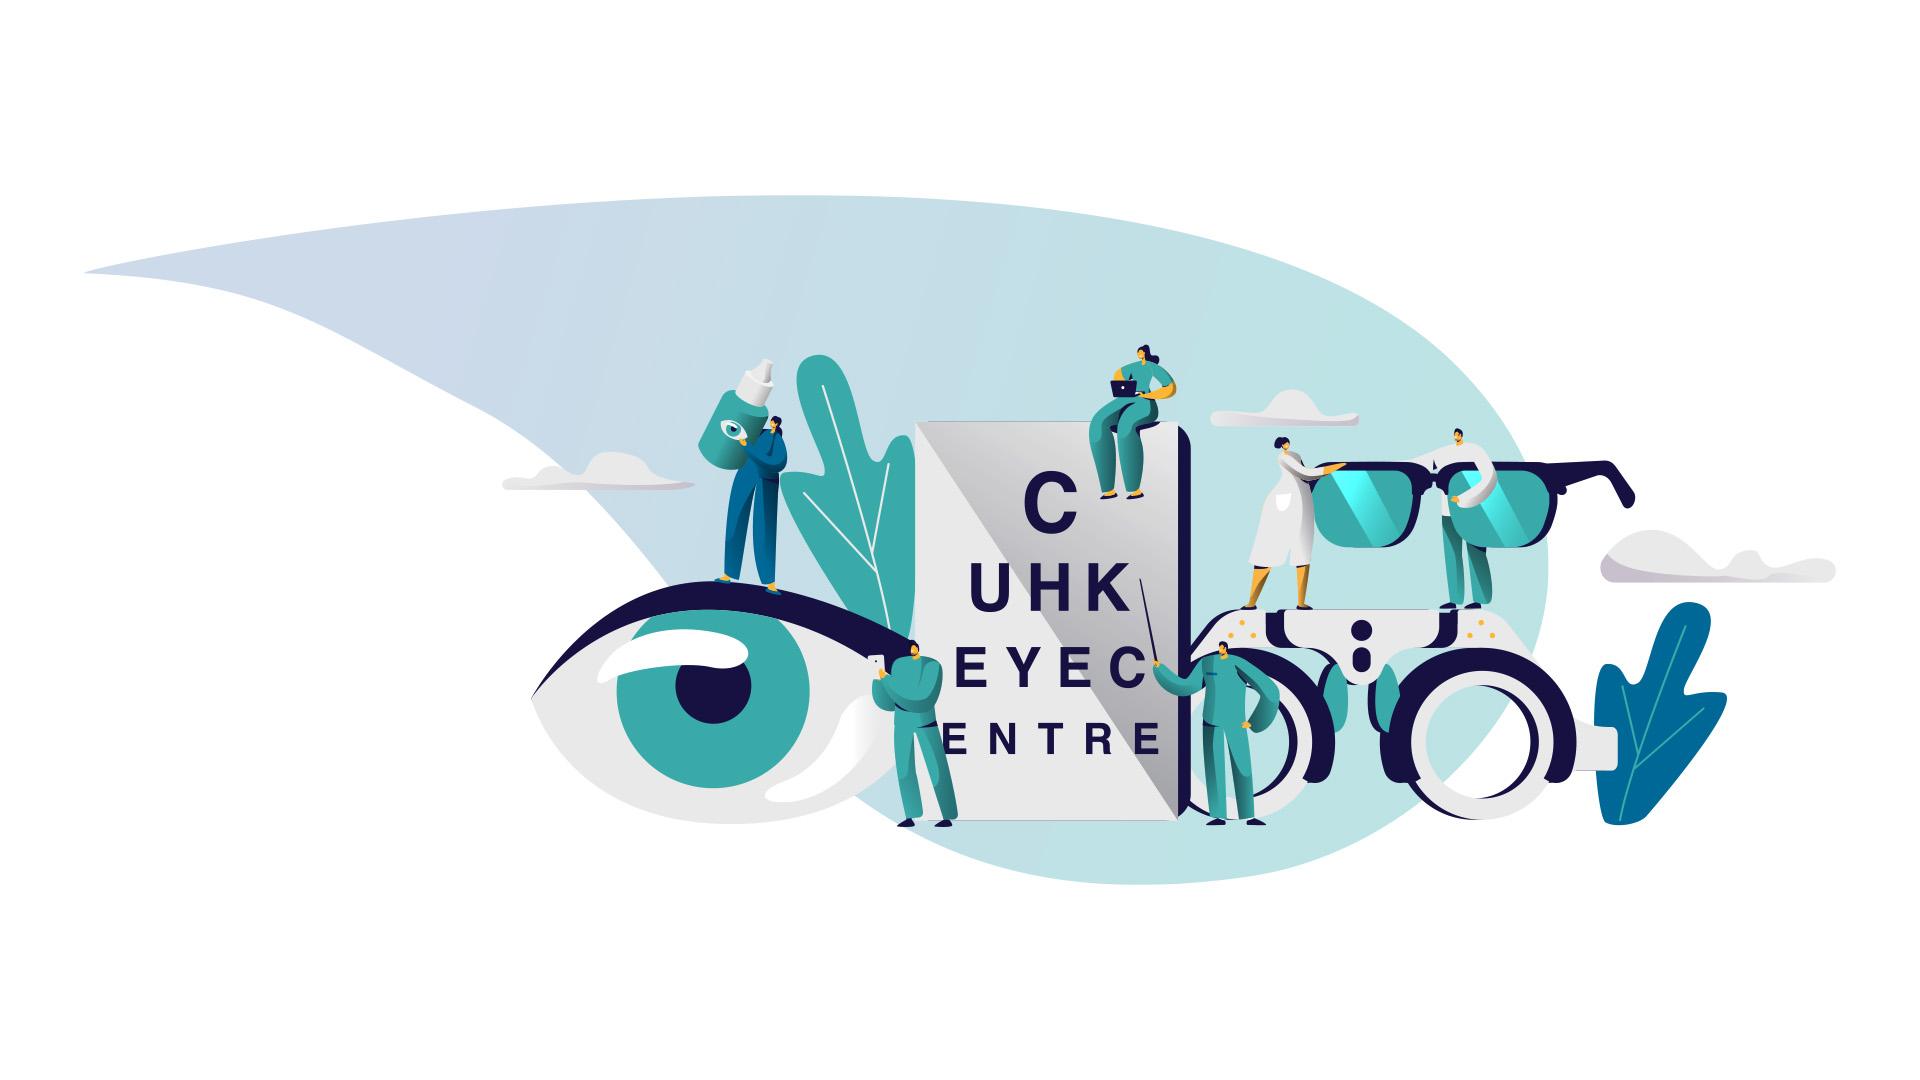 CUHK OVS Eye Centre